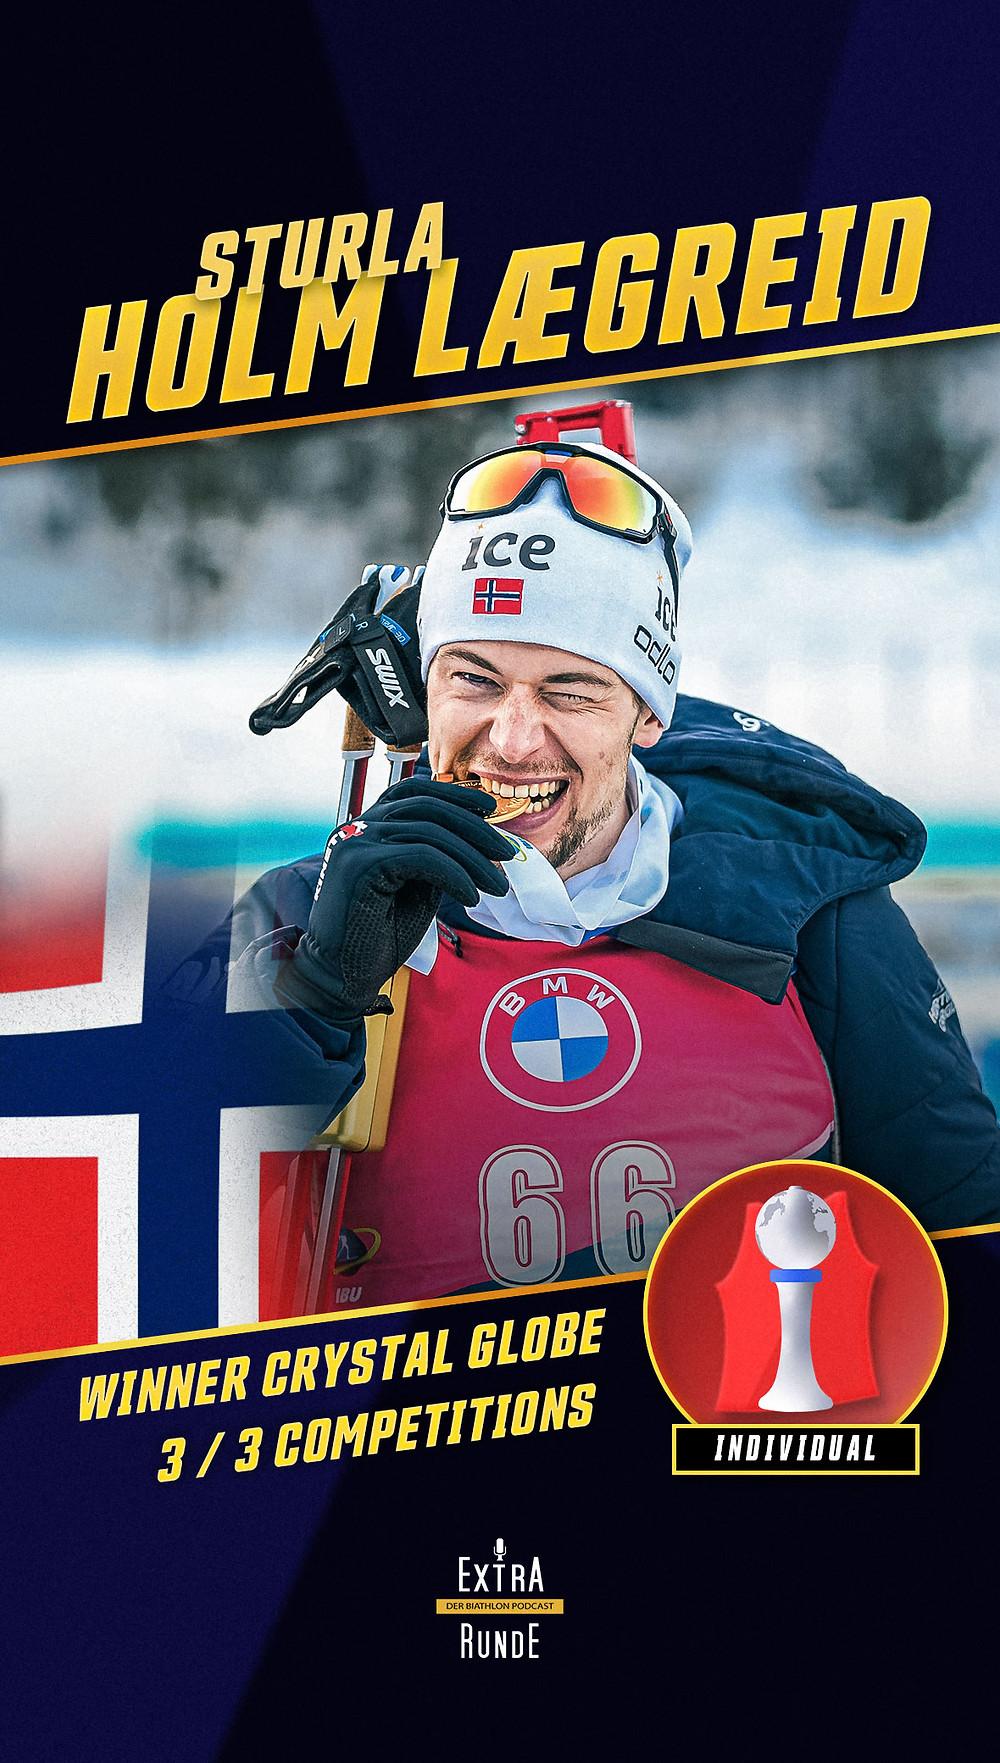 Sturla Holm Lægreid gewinnt die Biathlon Einzelwertung in der Saison 2020/21